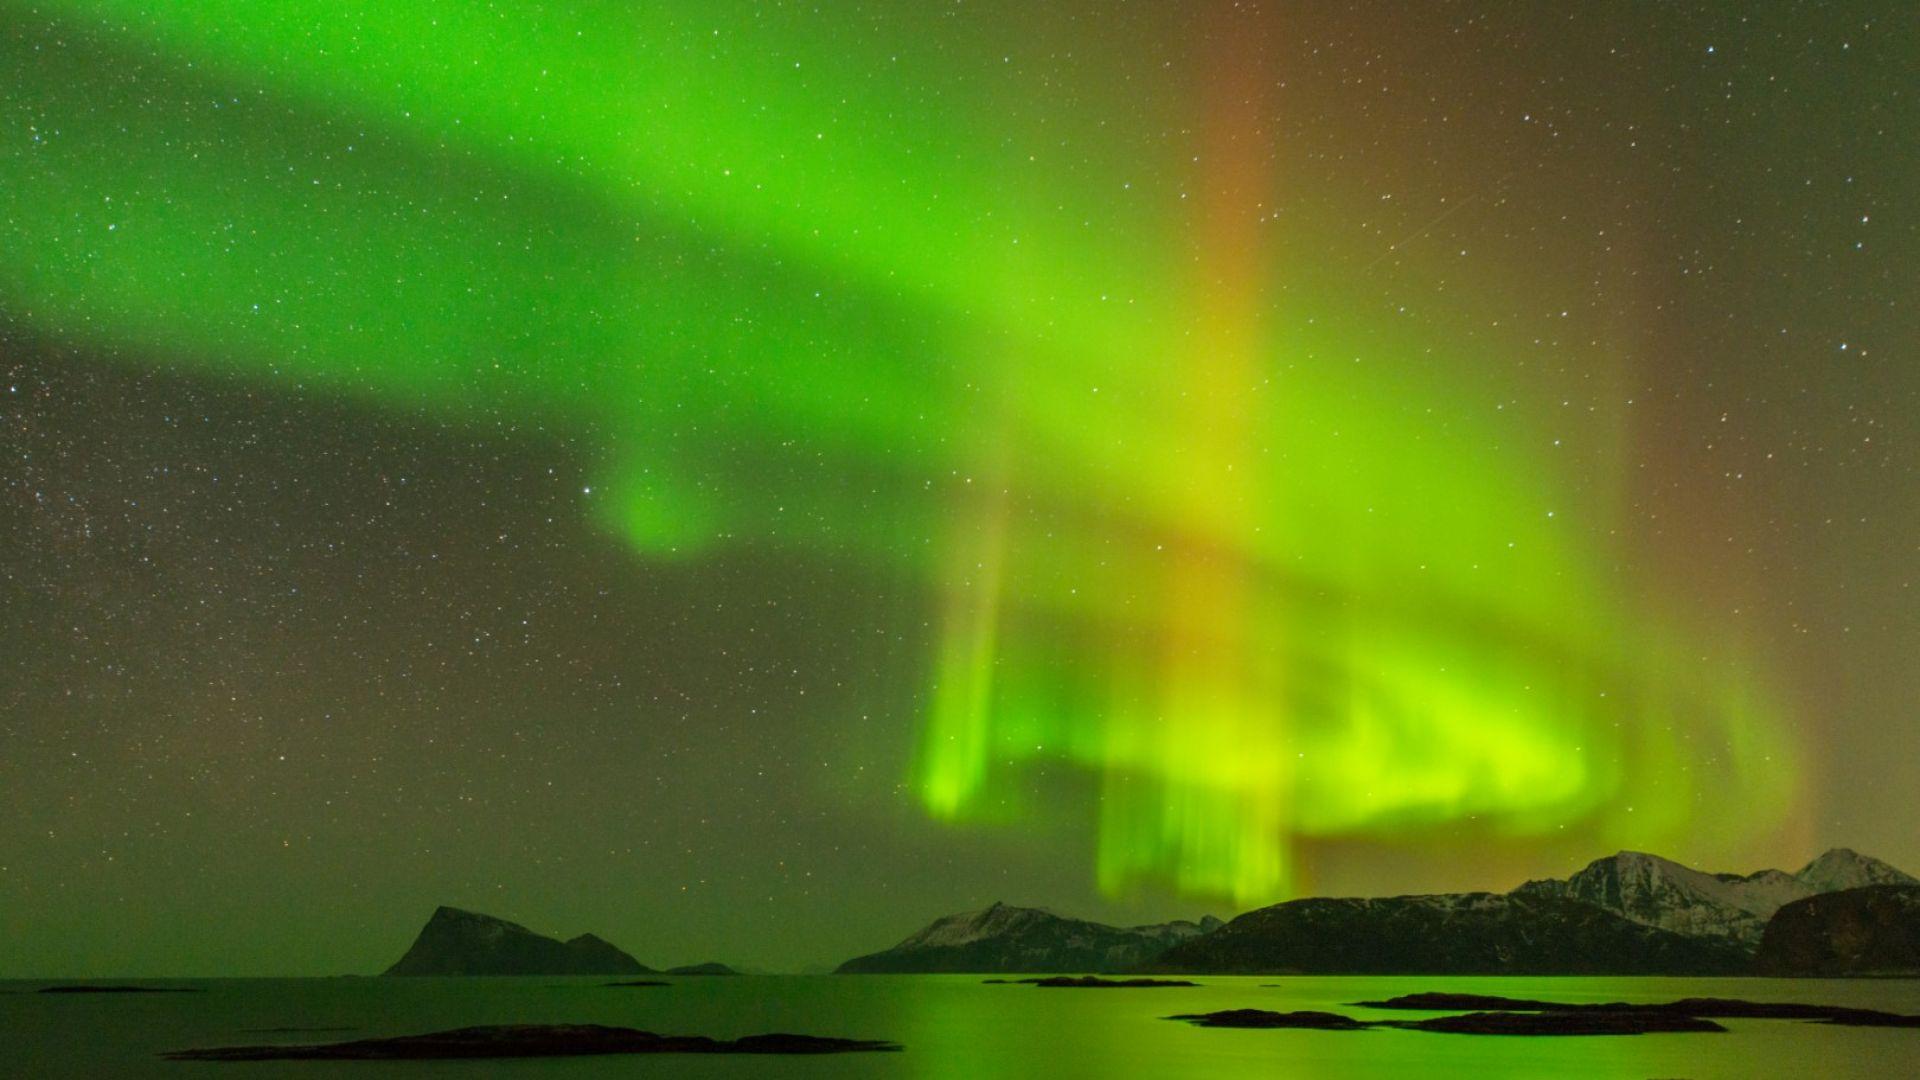 Норвежки остров иска да отмени...времето